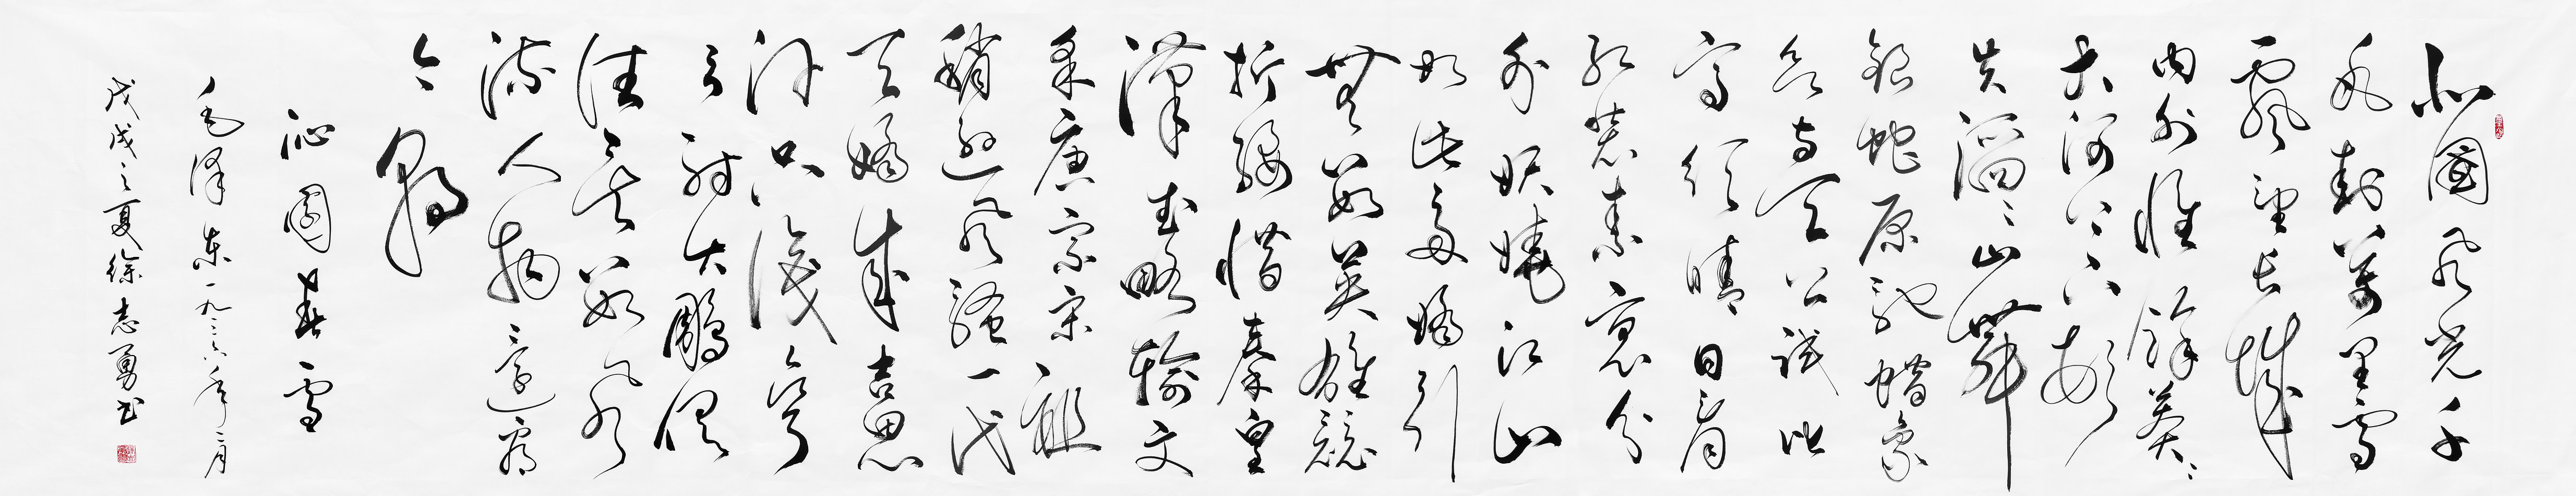 近现代·毛泽东《沁园春·雪》行草 纸本墨笔 长卷 2018年夏